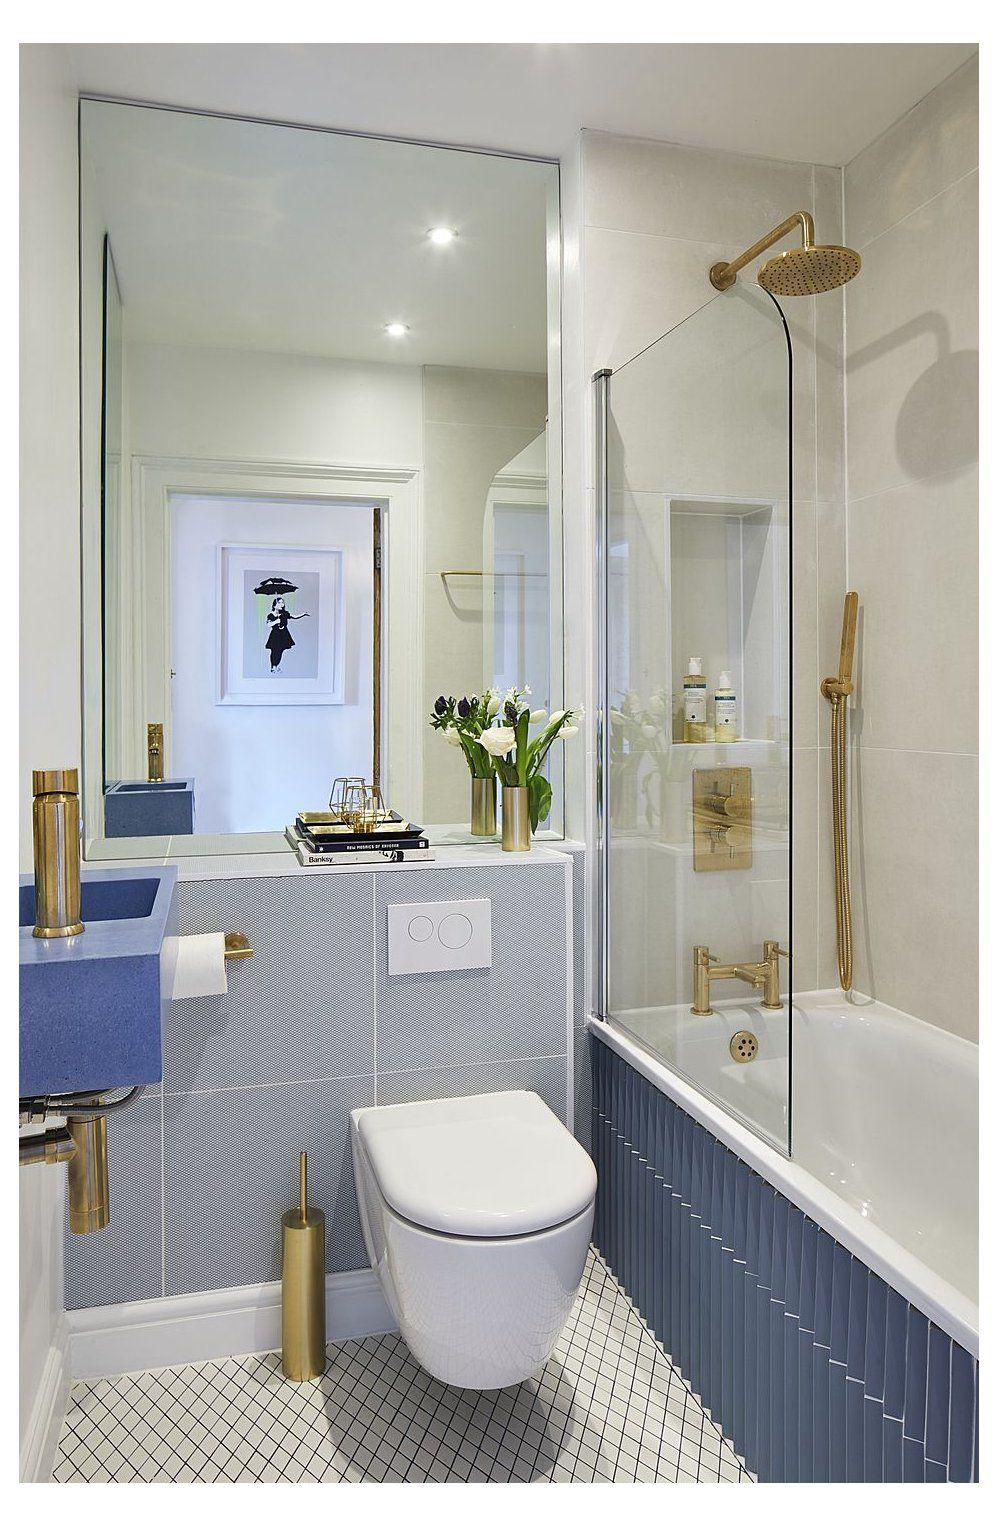 Small Bathroom Ideas Small Bathroom Ideas Shower Over Bath Smallbathroomideassh In 2021 Bathroom Design Small Modern Bathroom Design Small Small Bathroom Layout Bathroom design ideas 2021